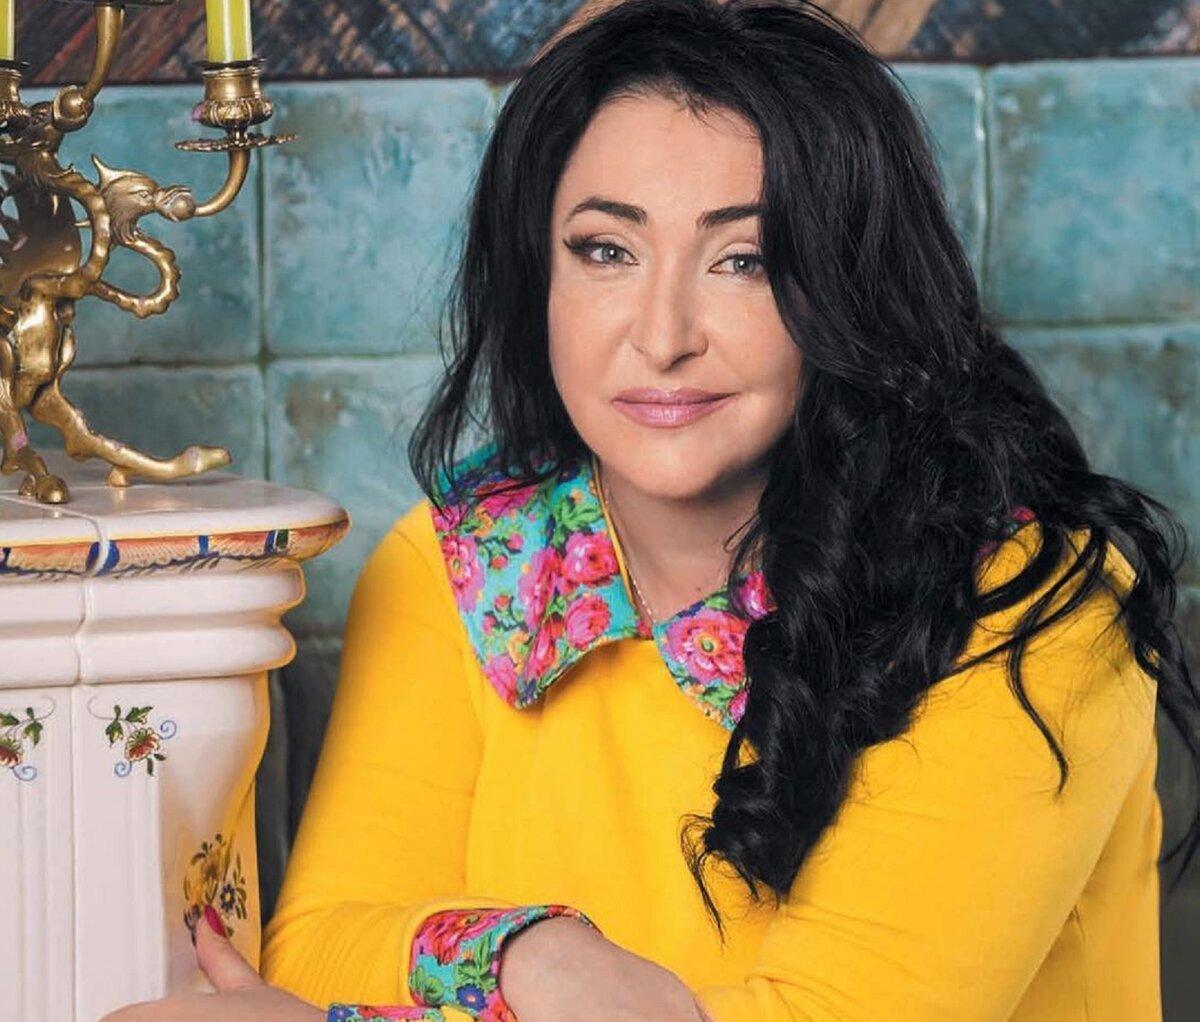 Лолита восхитилась интеллектом Регины Тодоренко